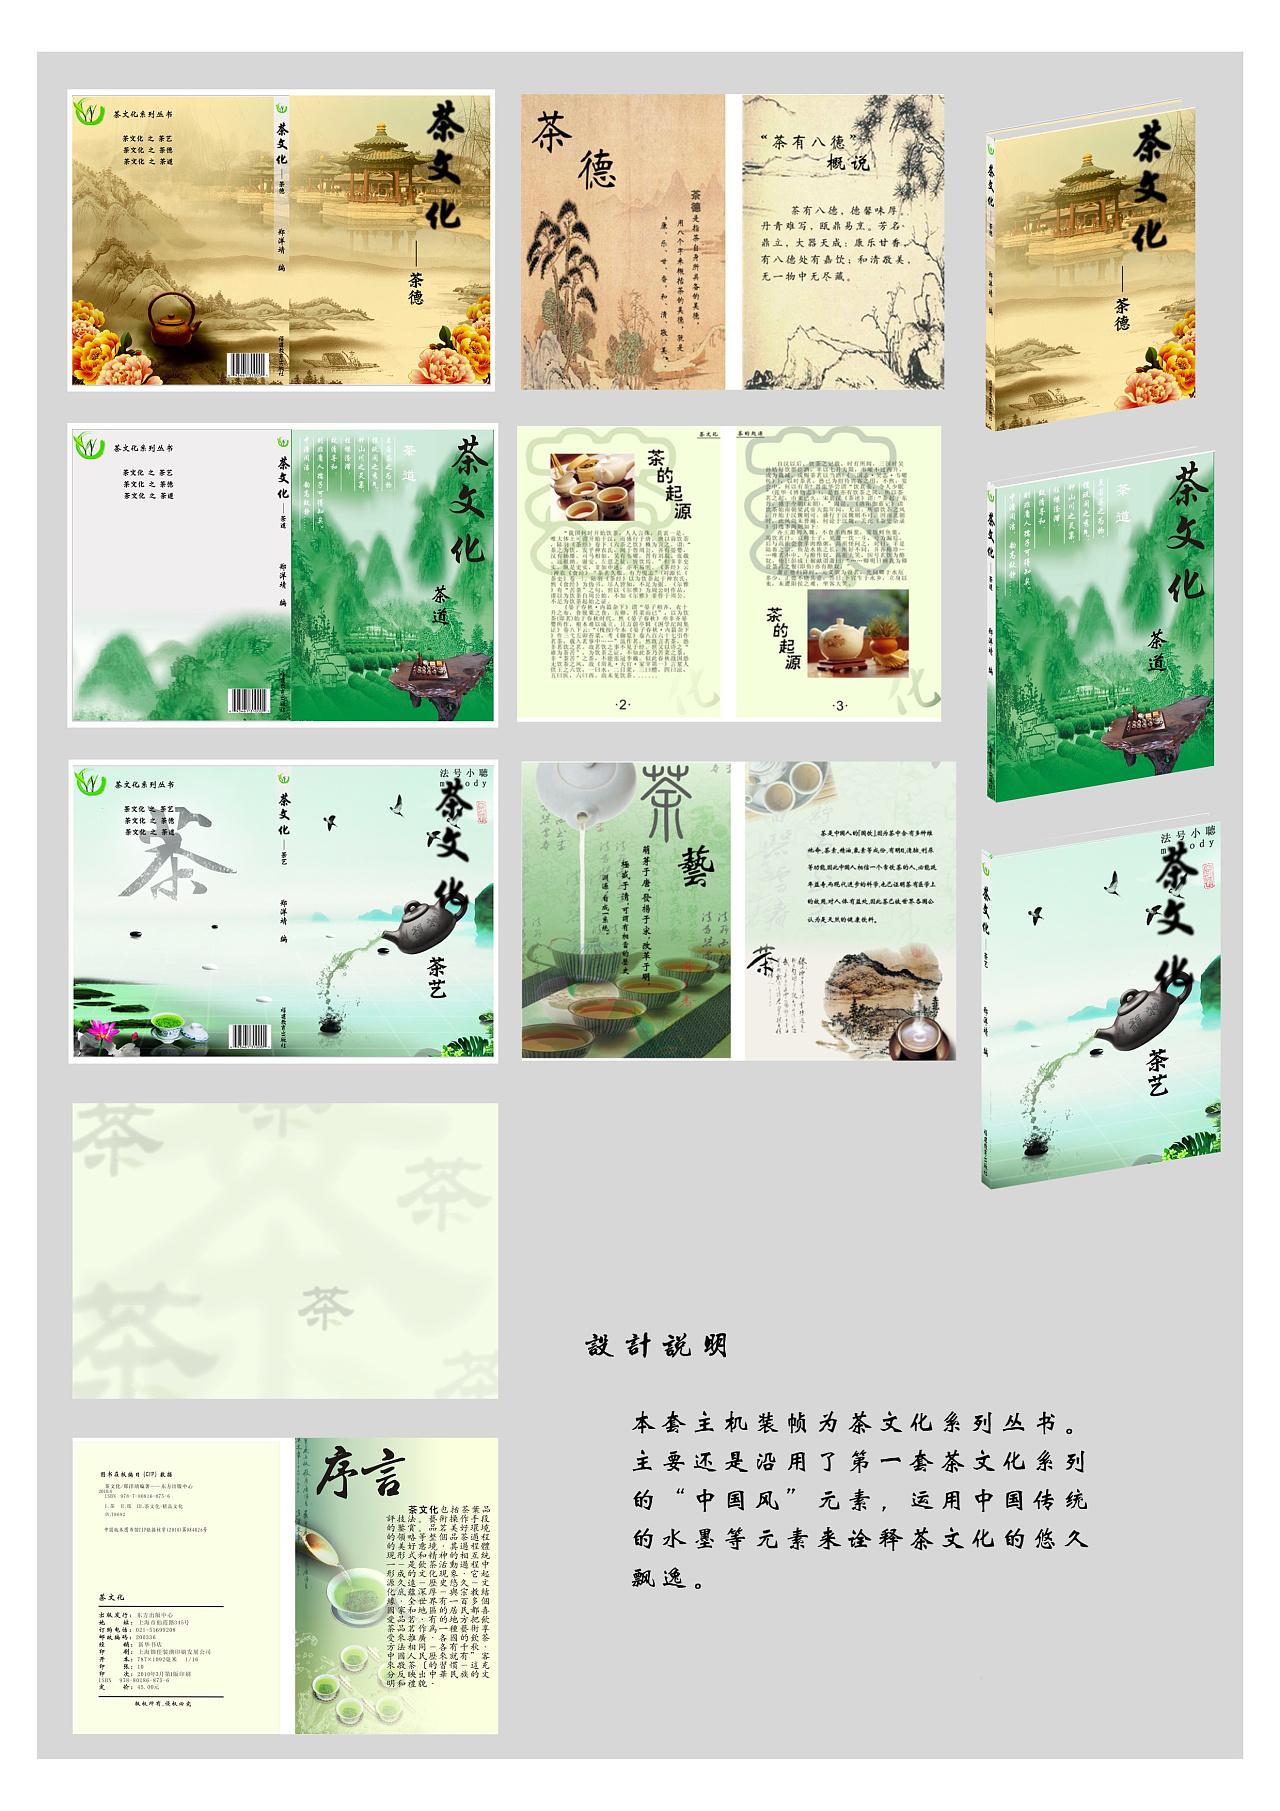 版式|平面|书装/画册|贝壳里的微笑 - 原创作品图片